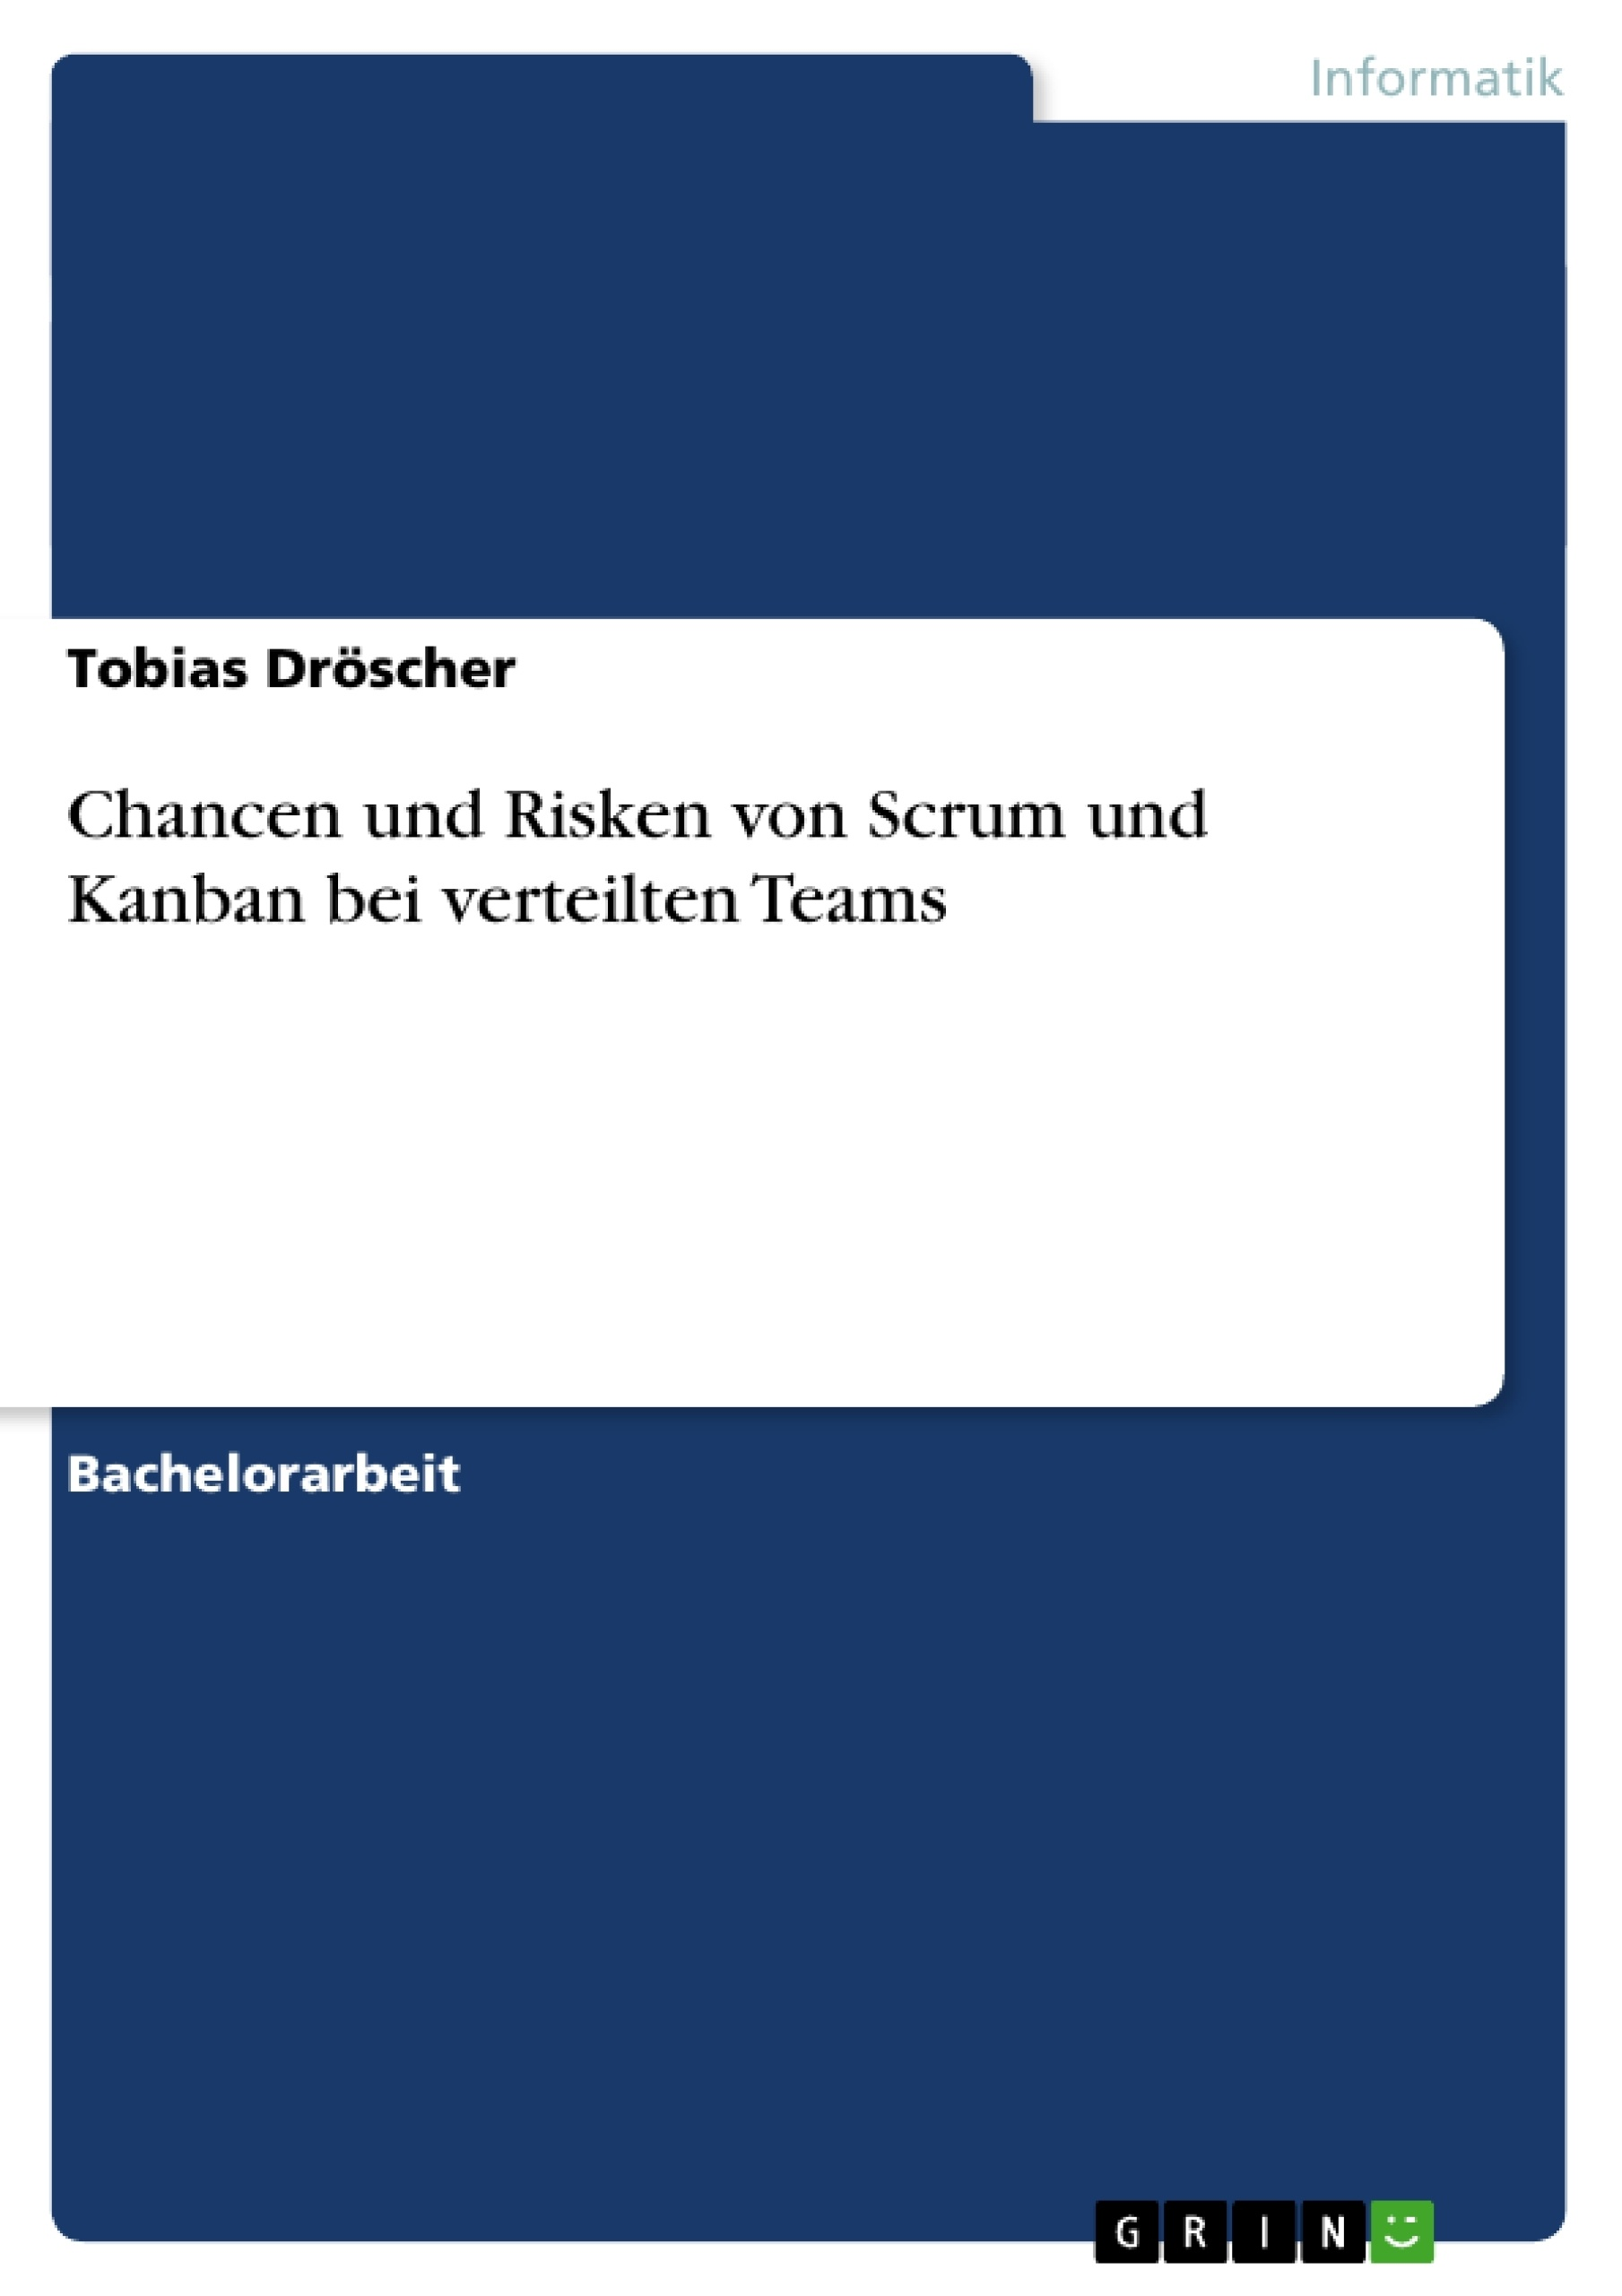 Titel: Chancen und Risken von Scrum und Kanban bei verteilten Teams